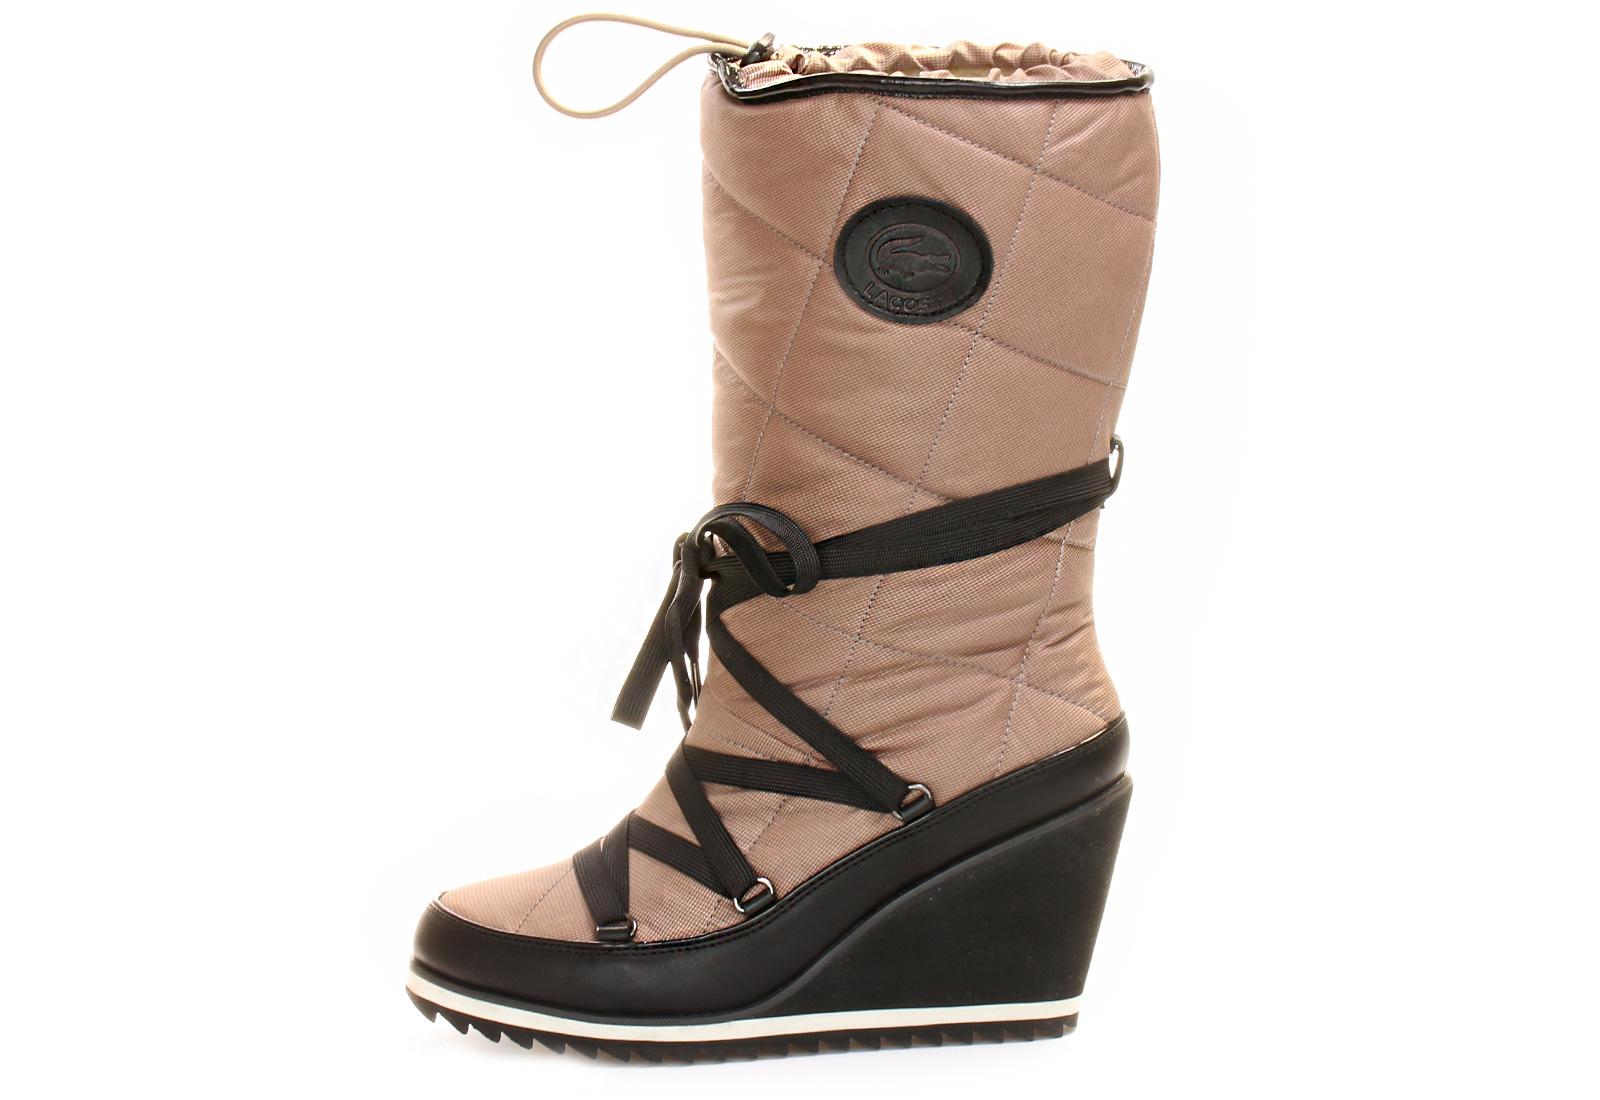 3dfcb8897bd00 Lacoste Boots - Aubina - 133srw0133-158 - Online shop for sneakers ...